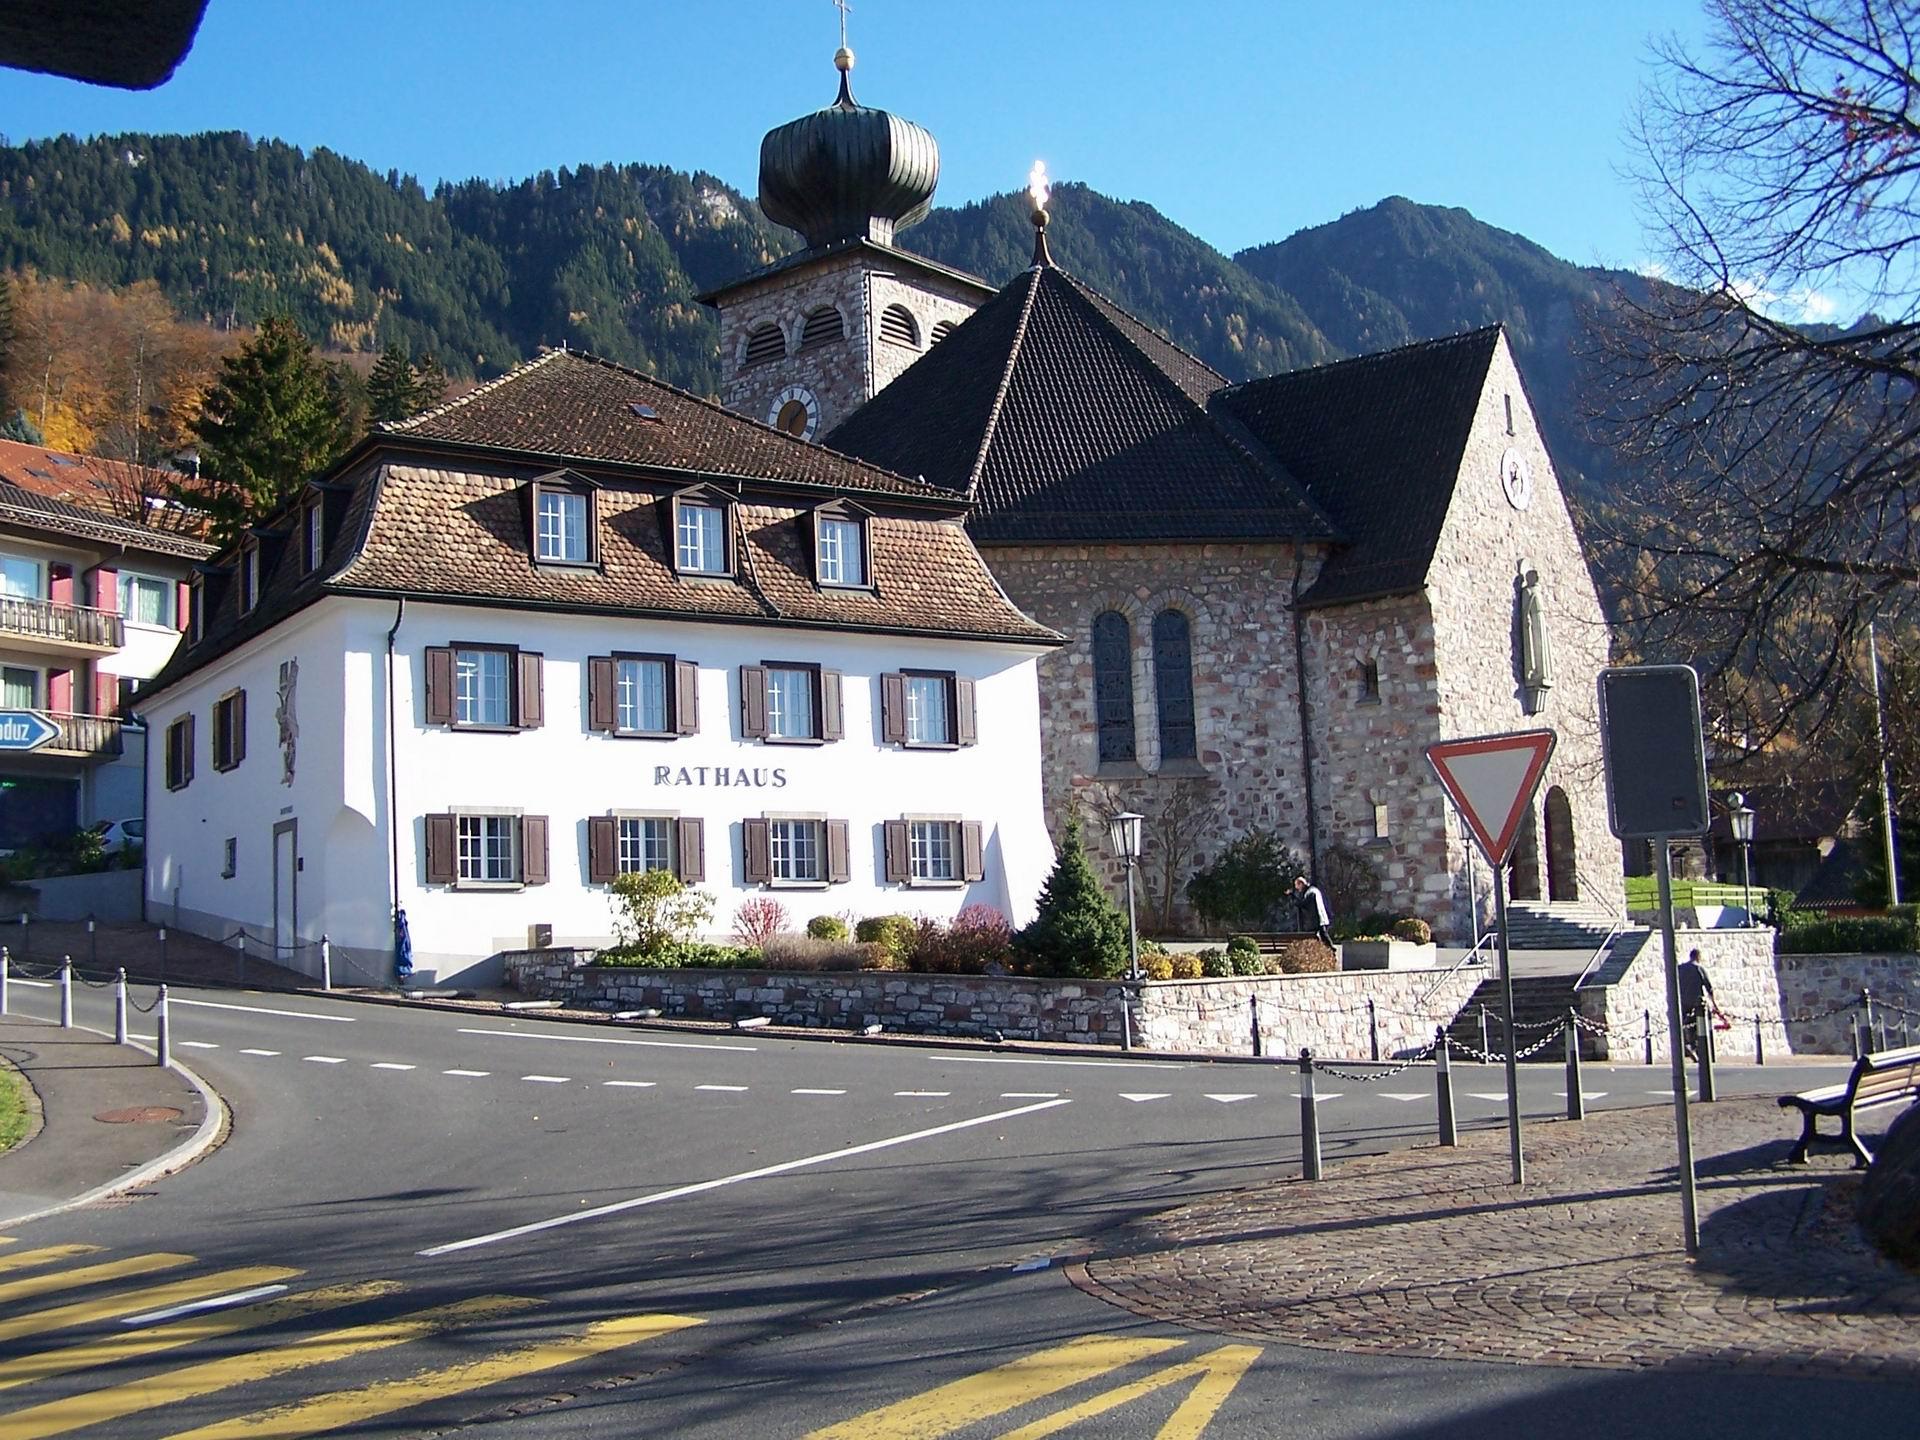 время достопримечательности лихтенштейна фото и описание еще потому, что